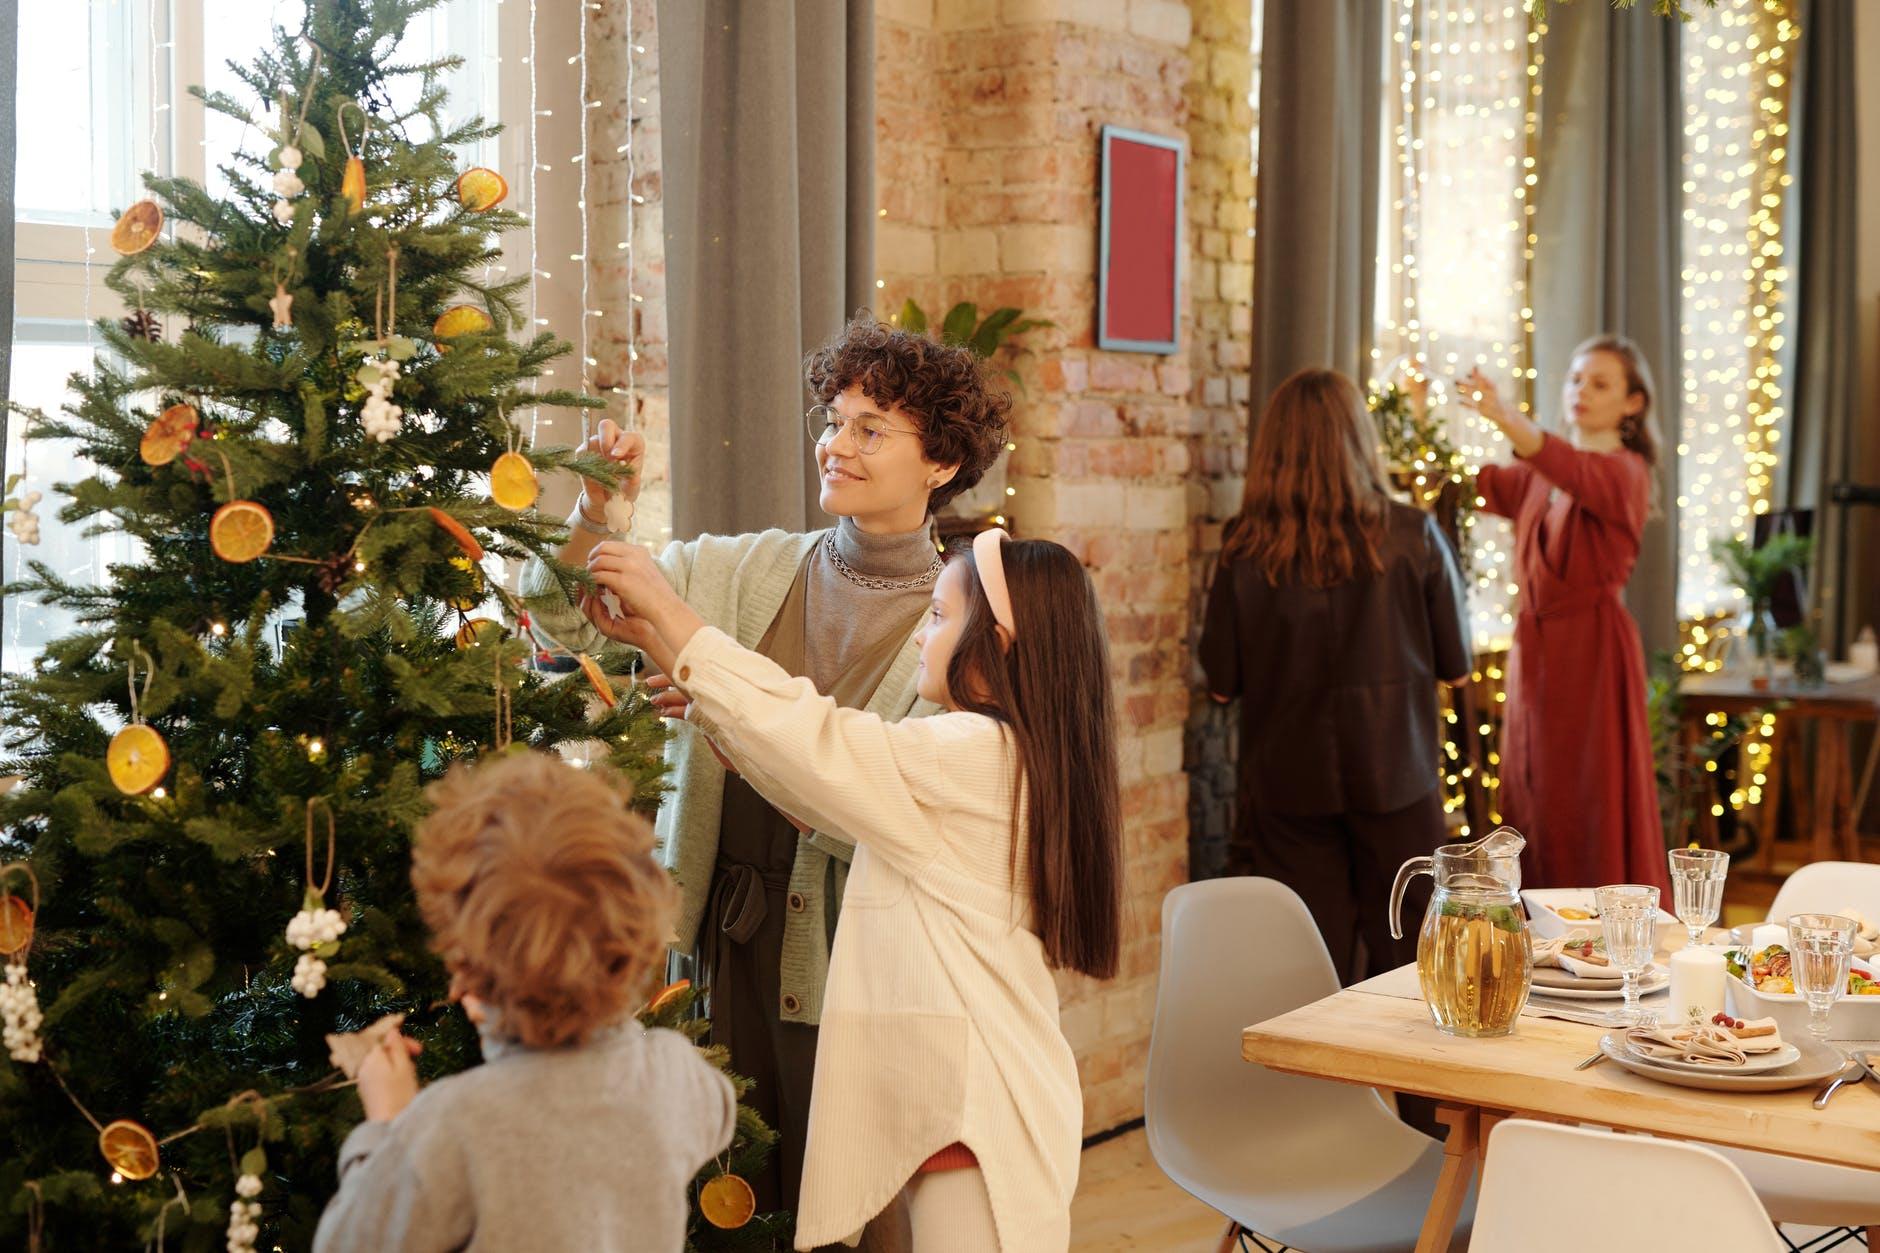 Christmas carol and tree